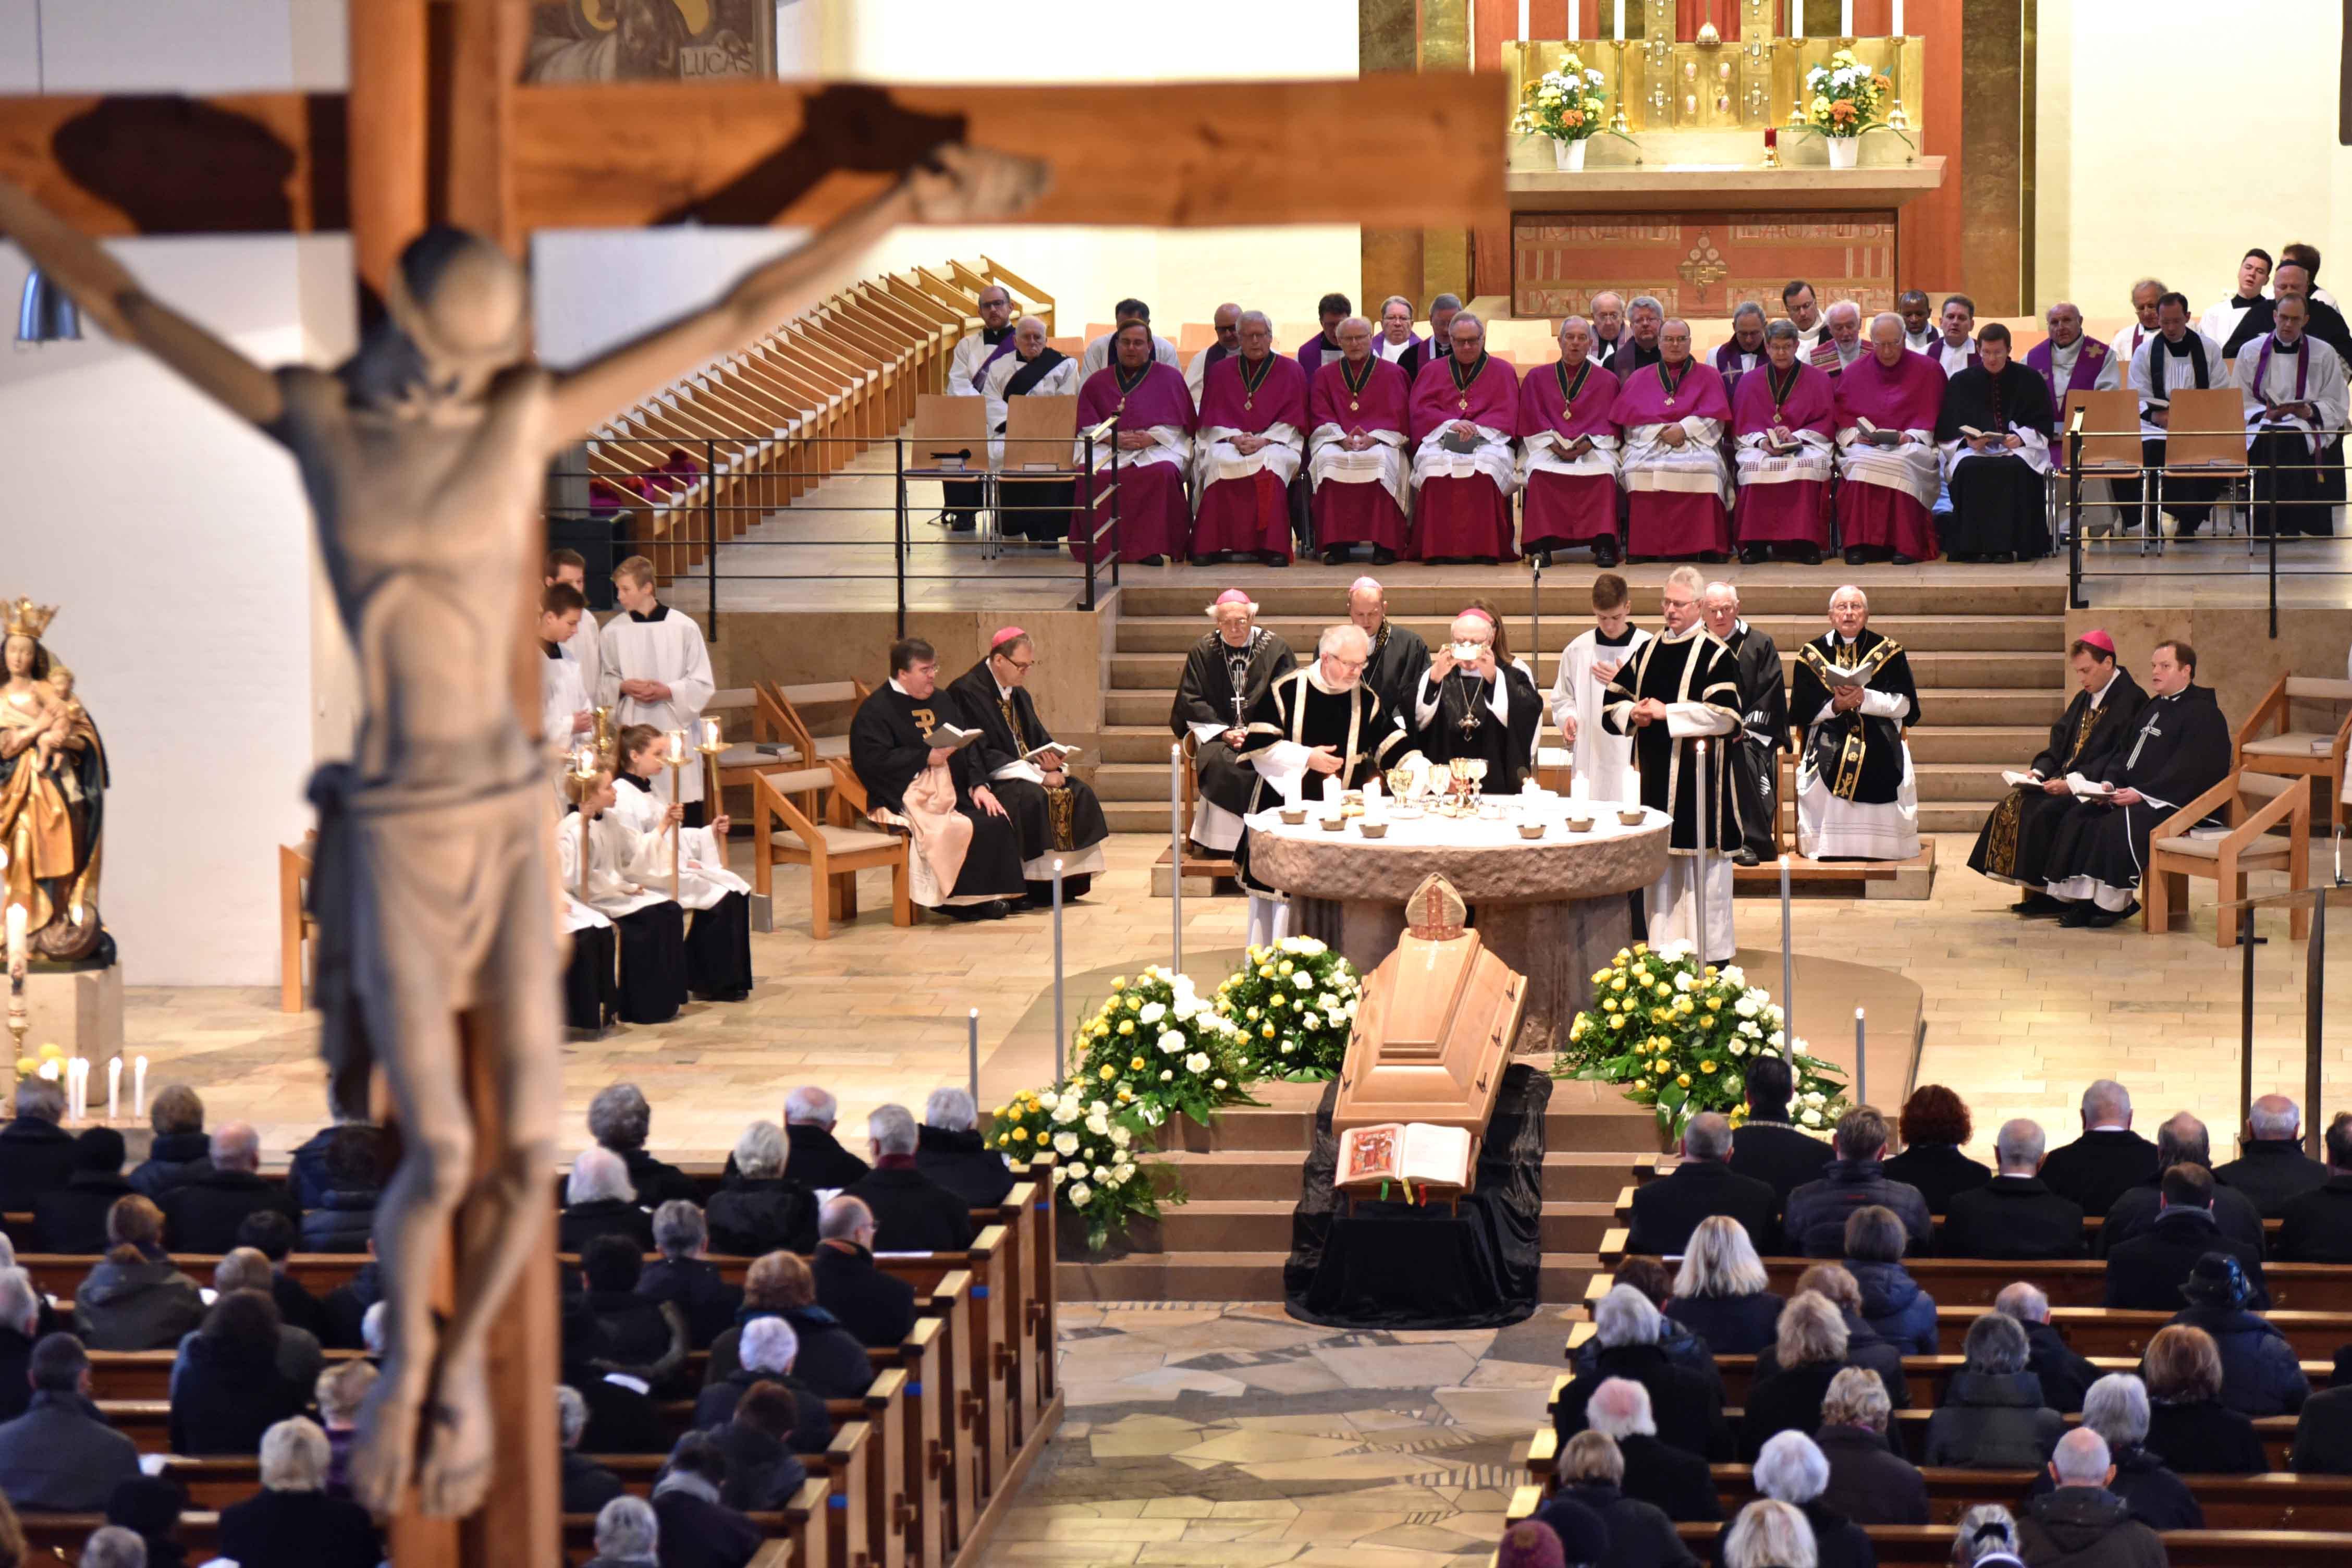 Das Pontifikalreqiuem für Weihbischof Max in der Memminger Stadtpfarrkirche St. Josef wurde von Bischof Dr. Konrad Zdarsa zelebriert. (Foto: Nicolas Schnall/pba)